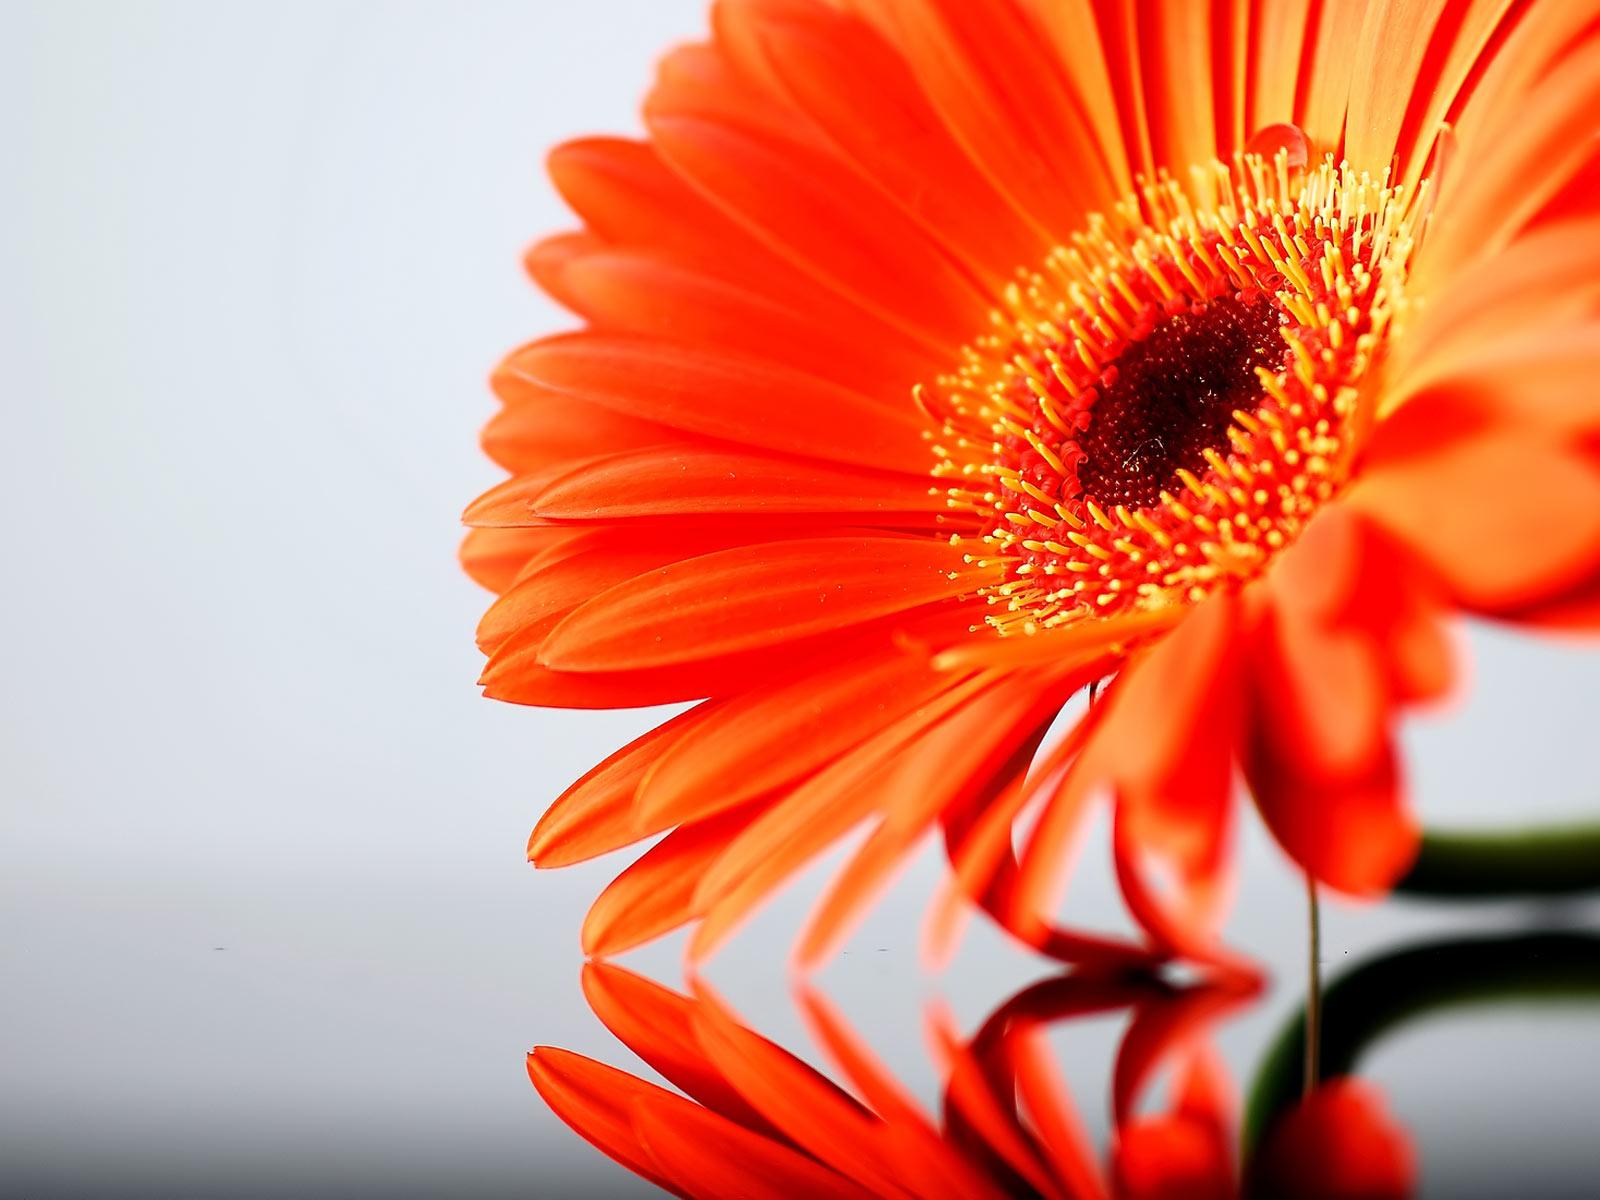 My Background Blog: orange flower background